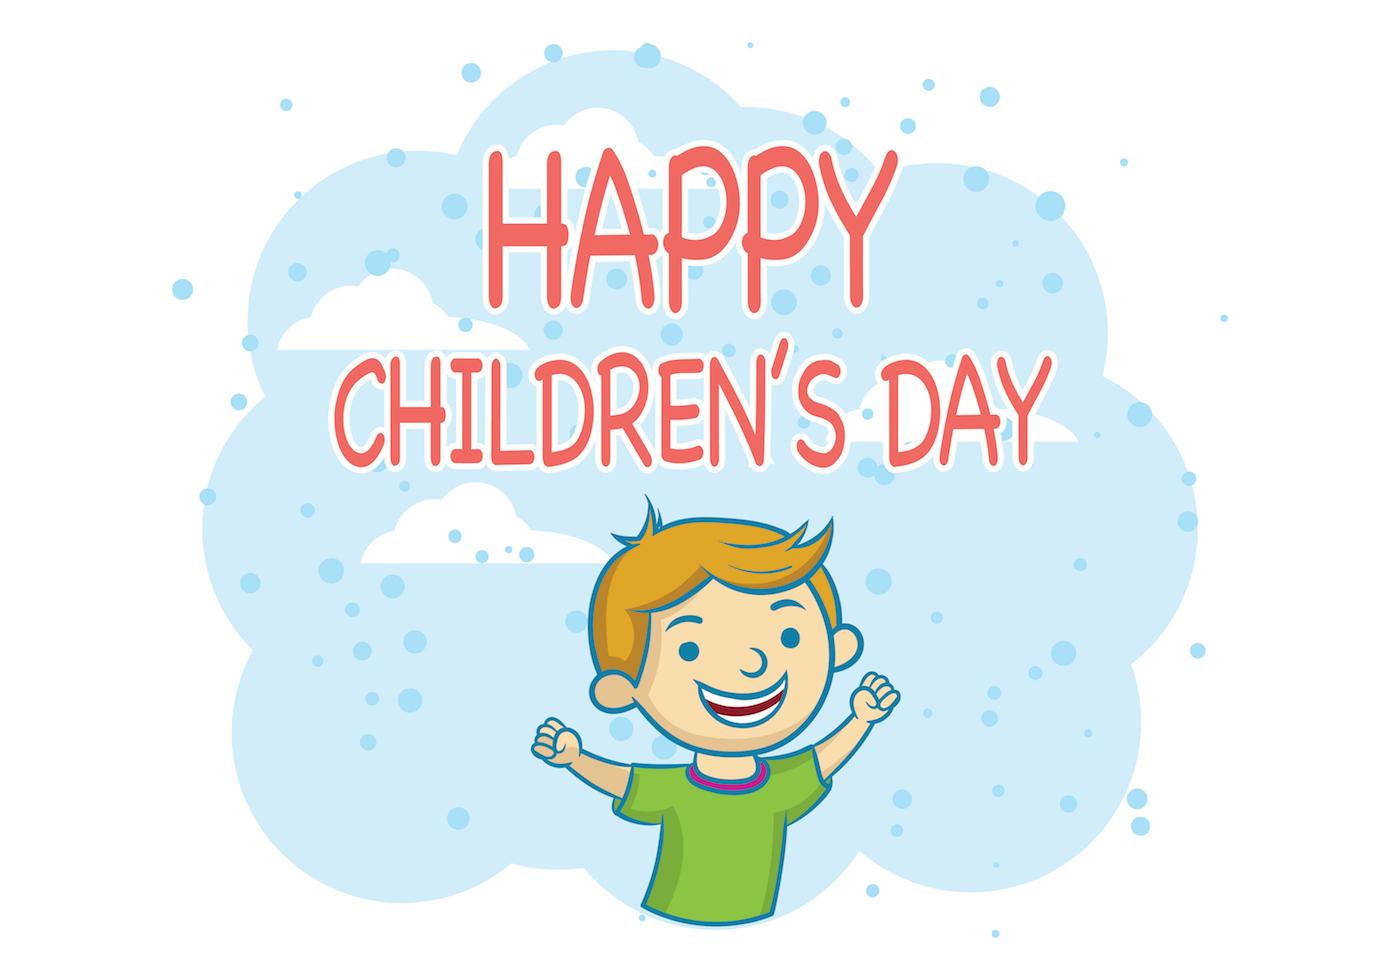 Children 39 s day vector download free vector art stock graphics images - Children s day images download ...